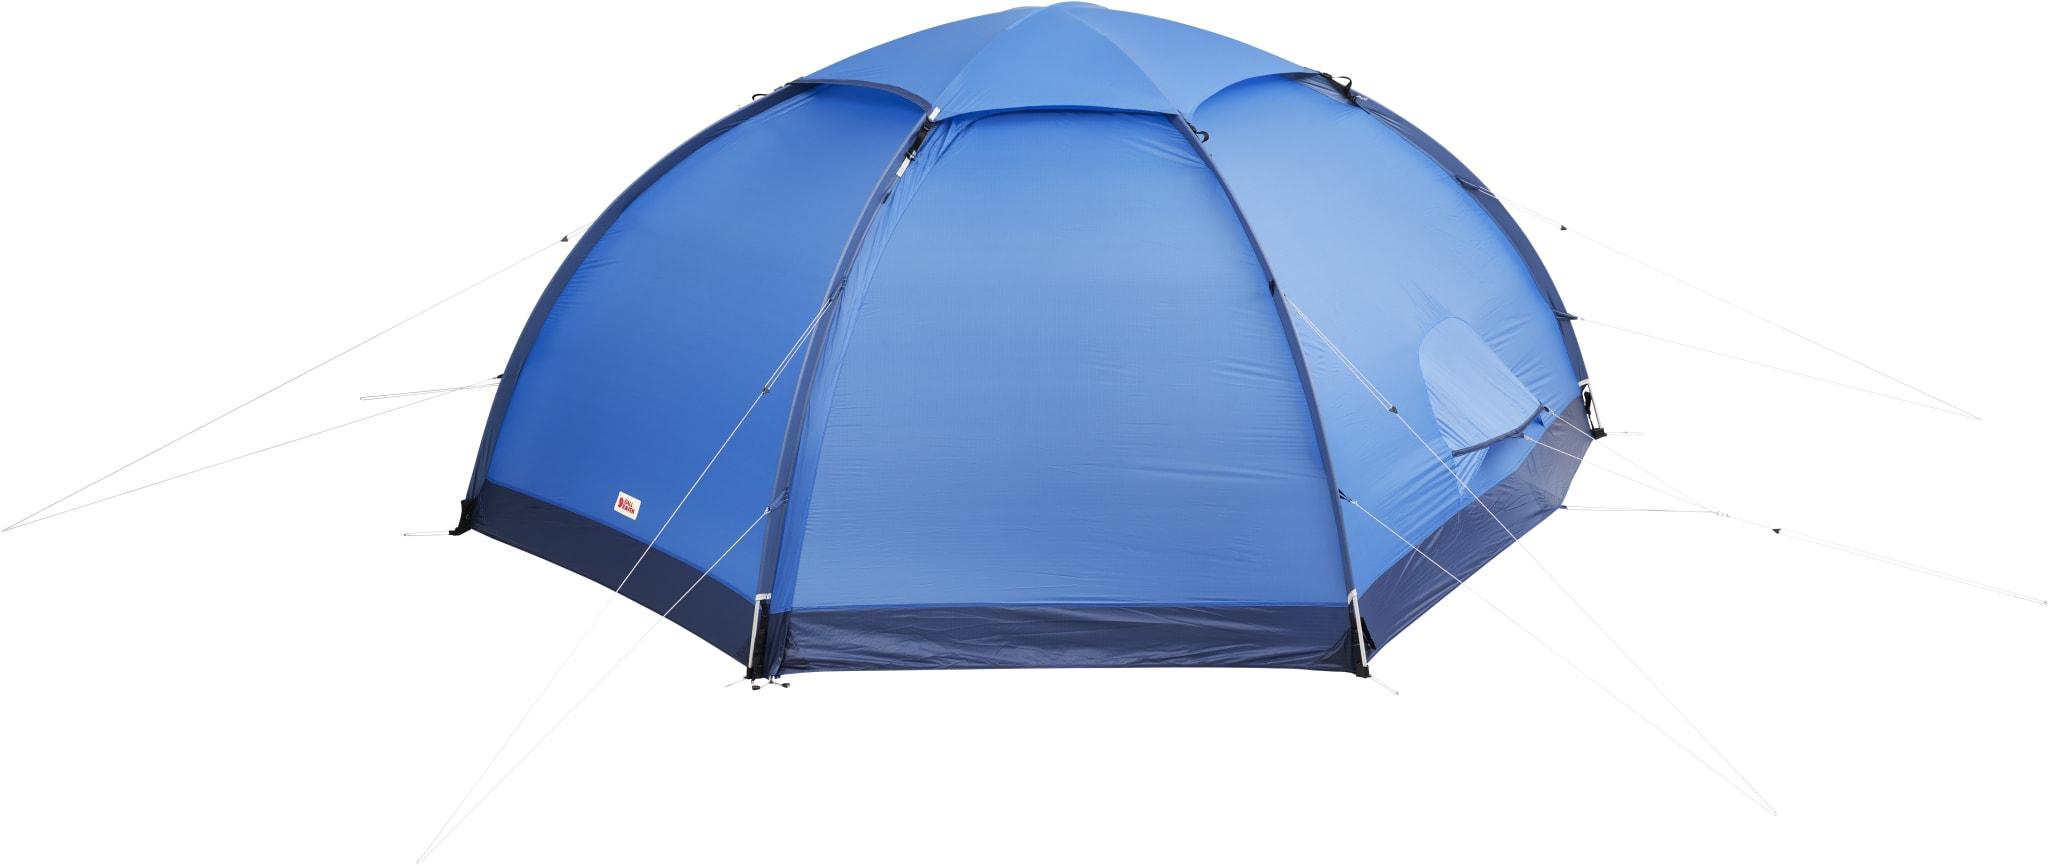 Selvstående konstruksjon med tre teltstenger, med god høyde og førsteklasses ventilasjon.